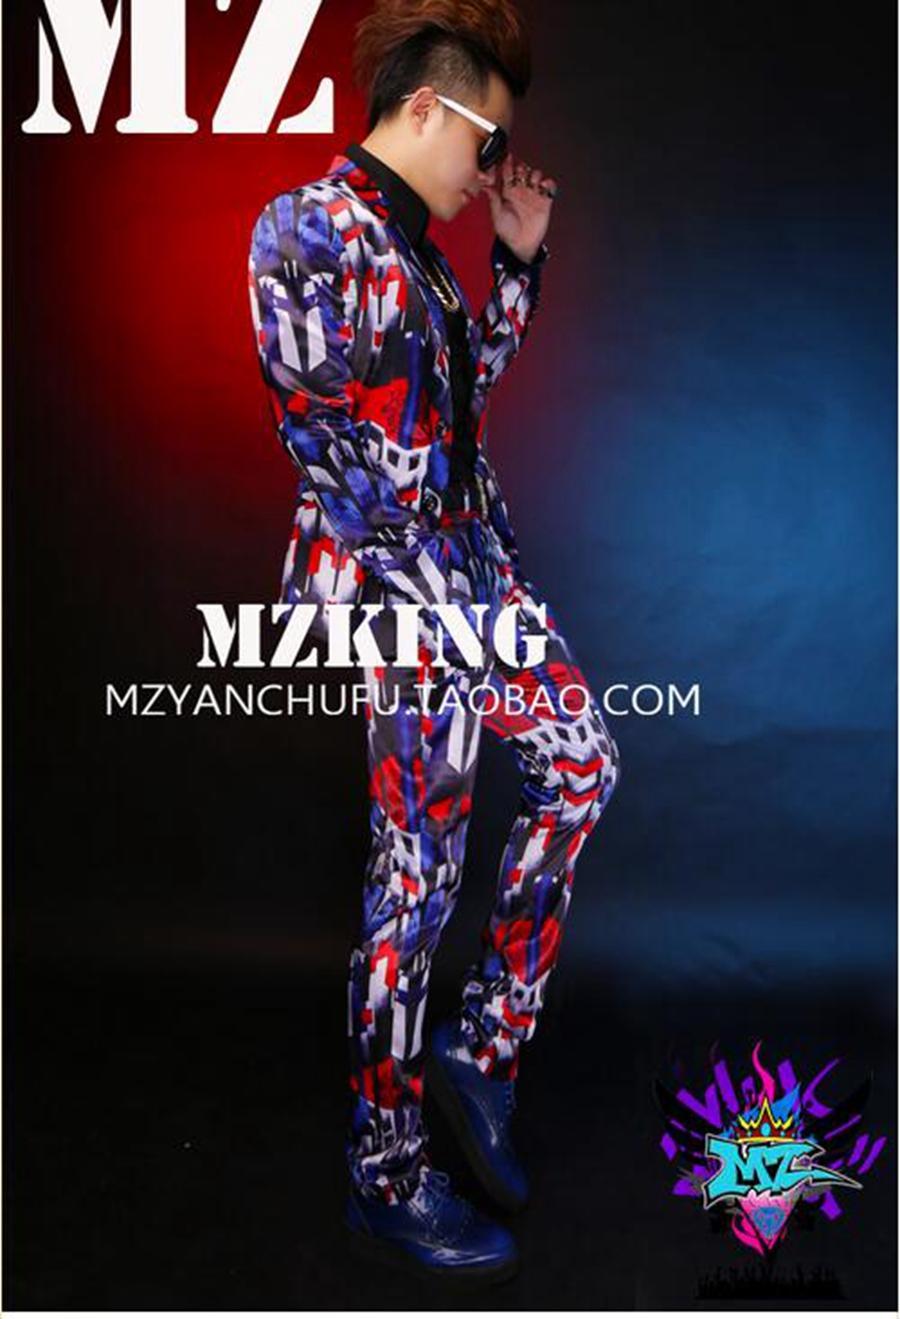 남성 가수 한국 버전 활주로에서 나이트 클럽 파란색과 빨간색 빛 실크 새틴 탄성 정장 의상 형상을 찾습니다. S-6xl